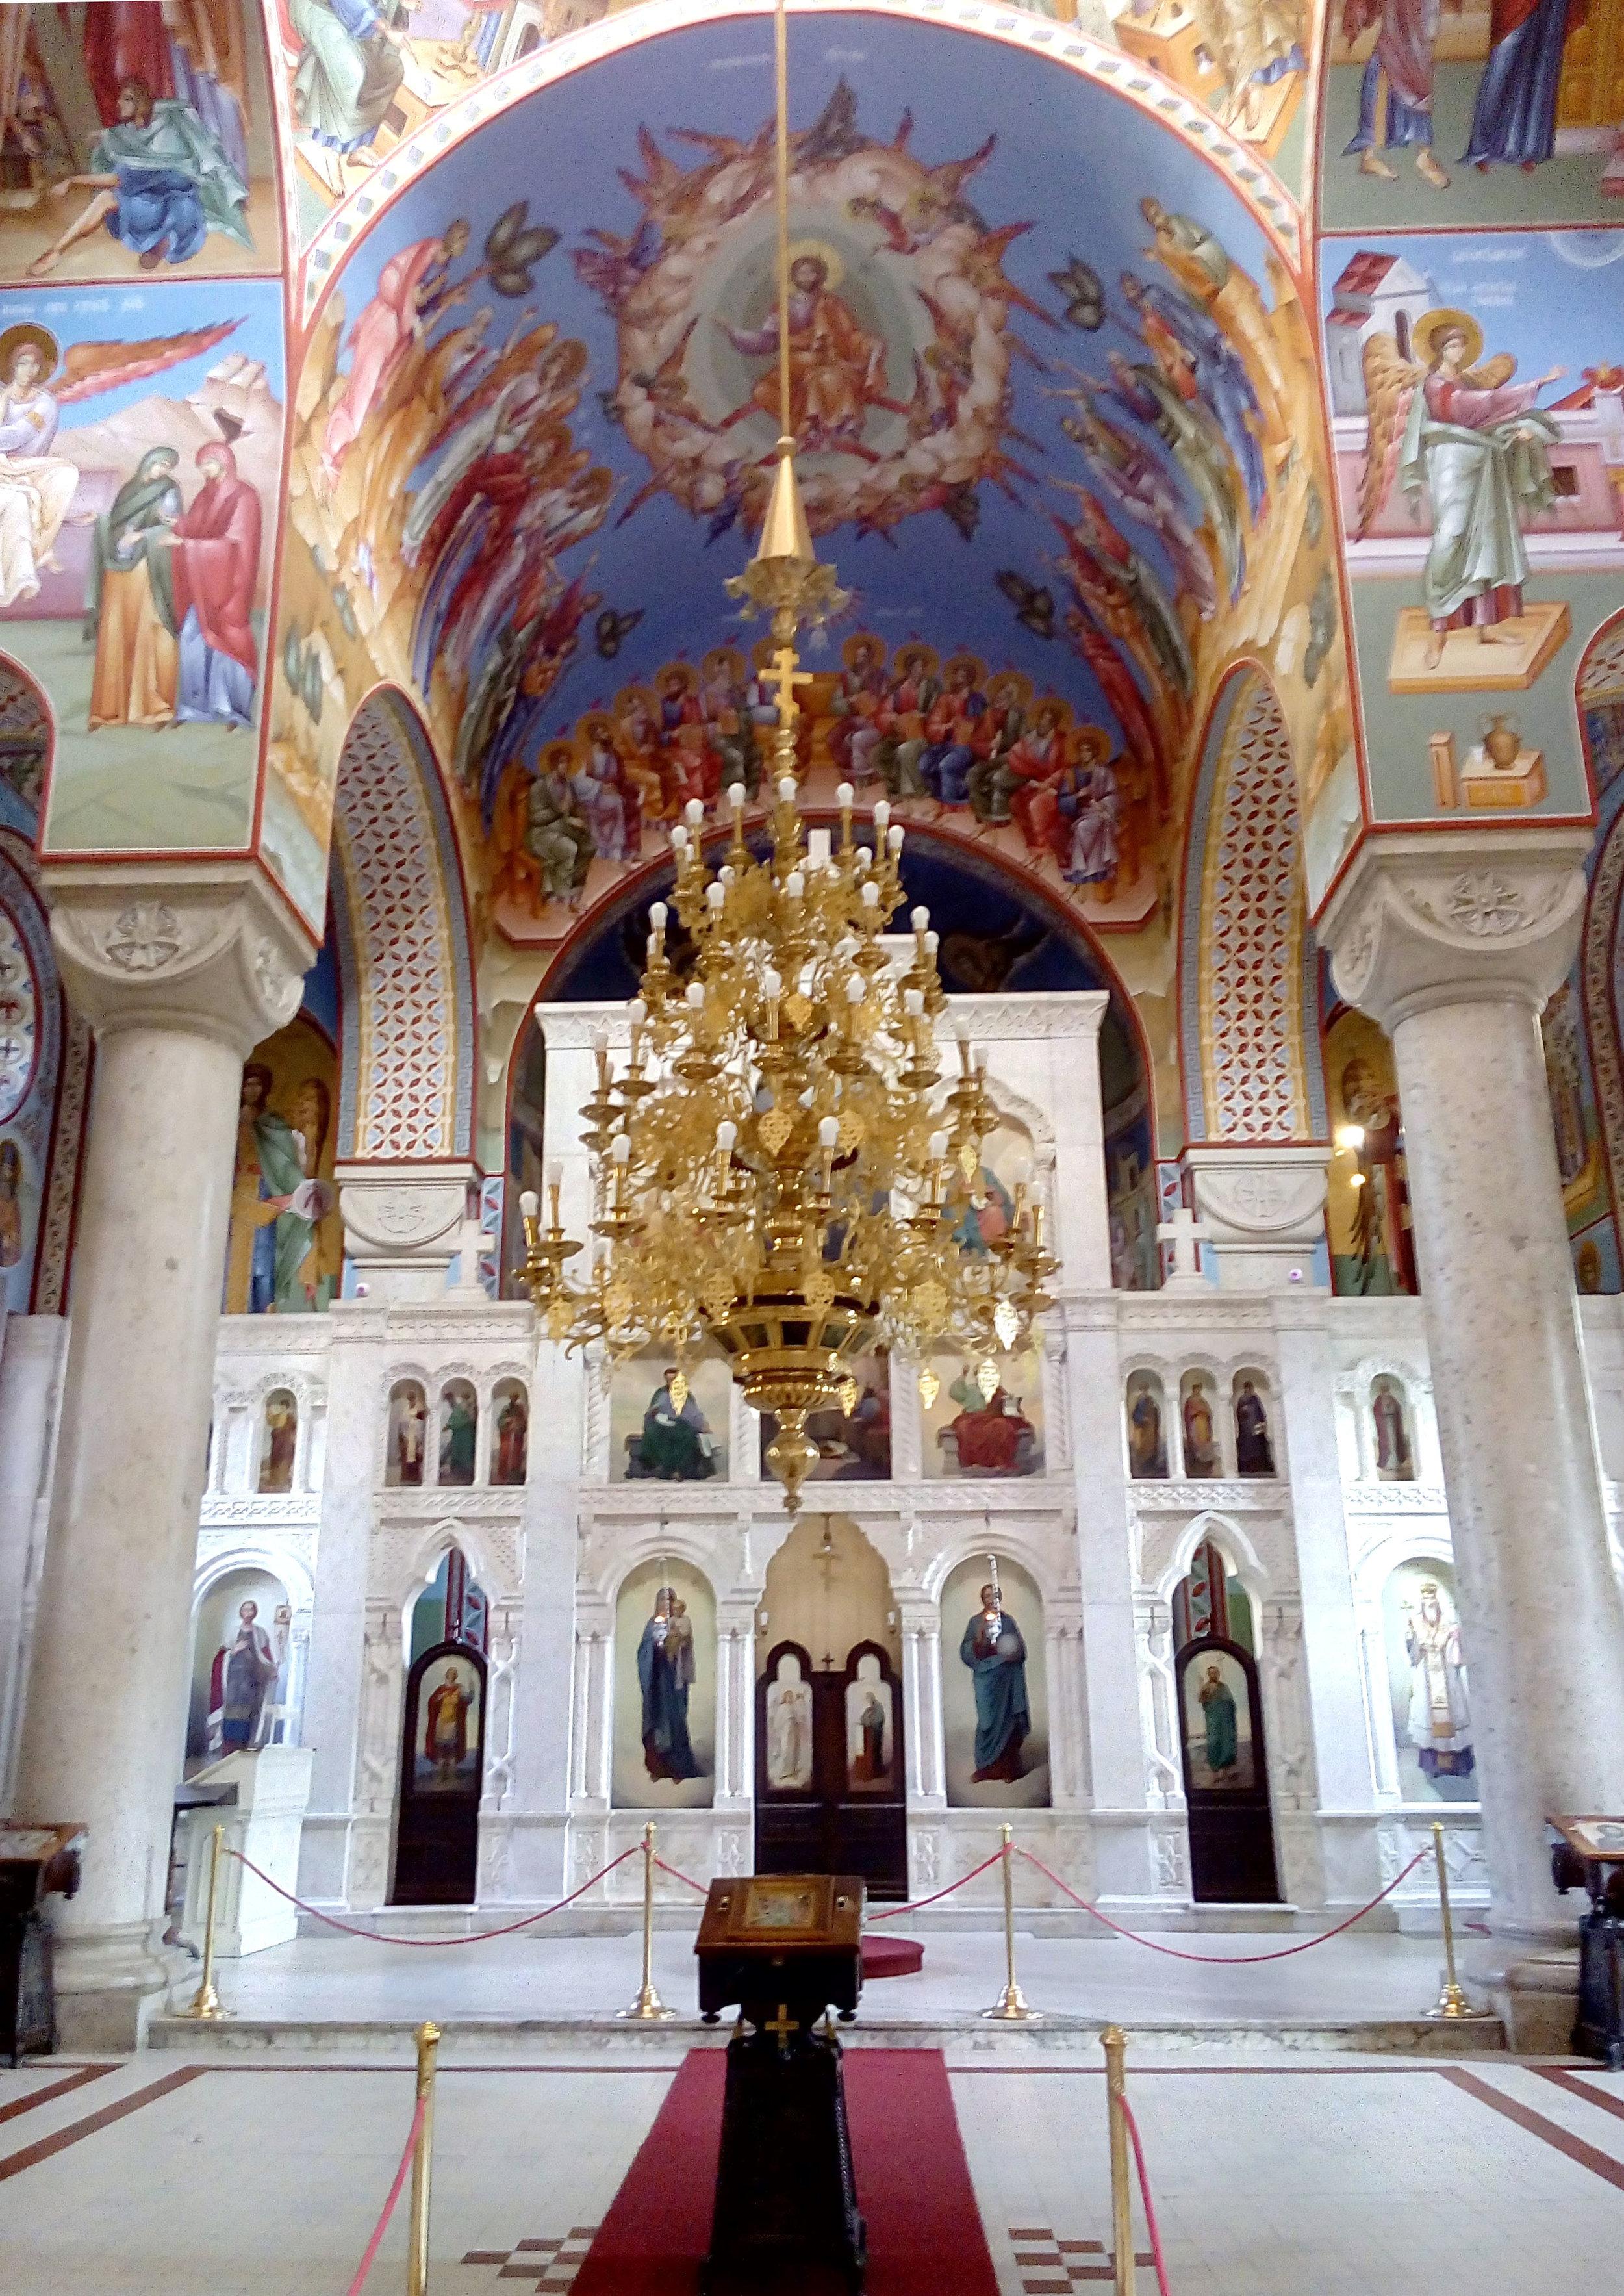 The marble iconostasis